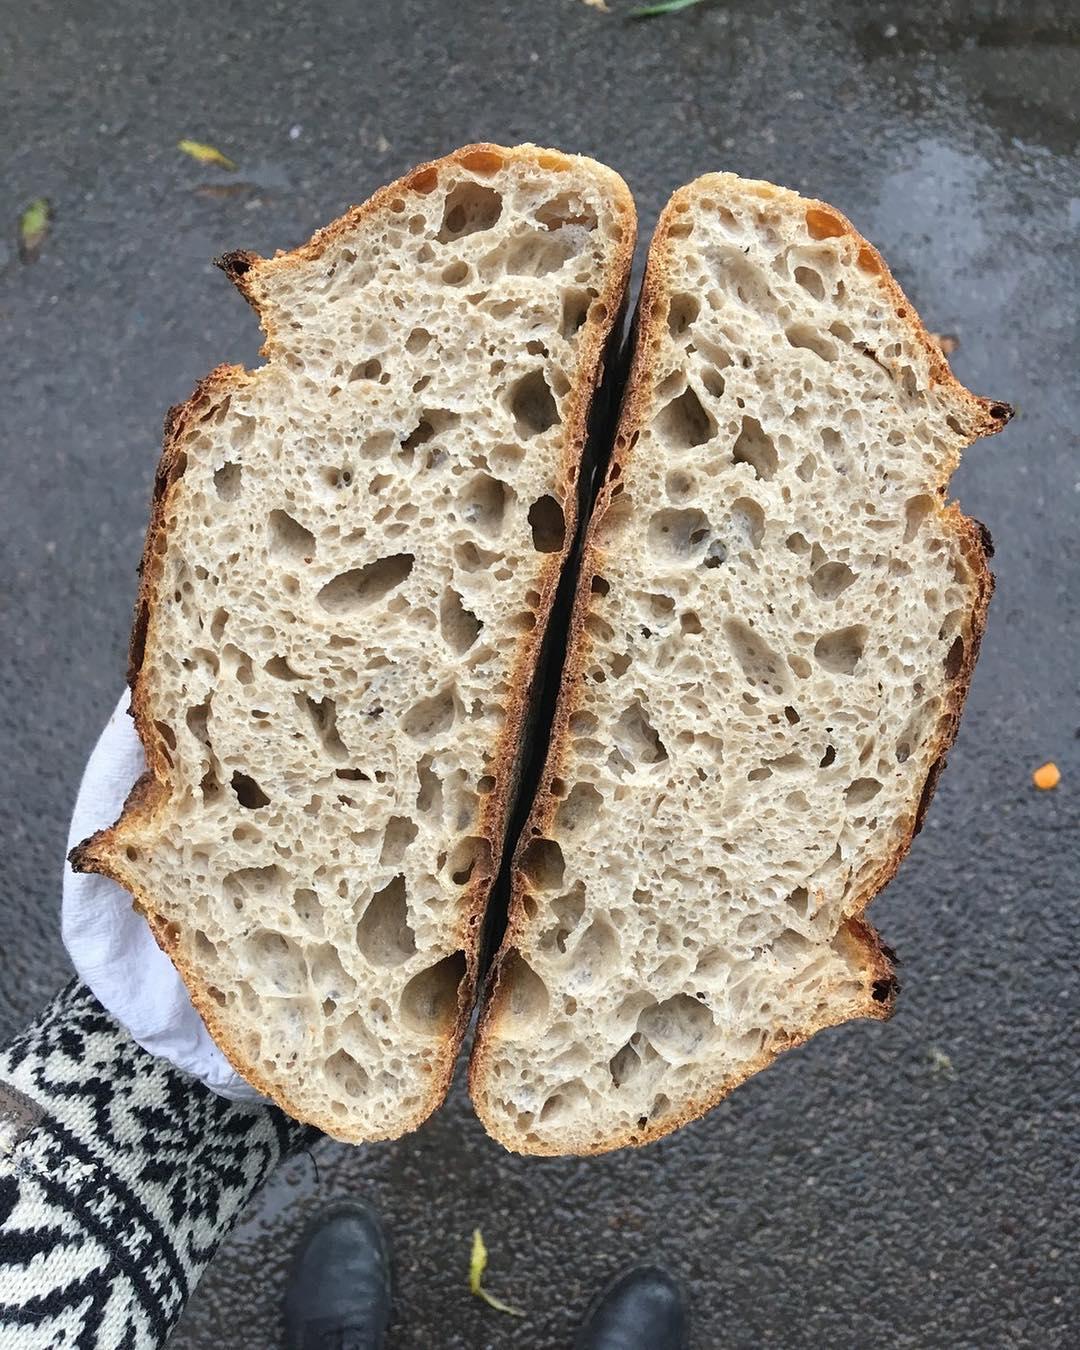 City Pantry - Best Sourdough in London